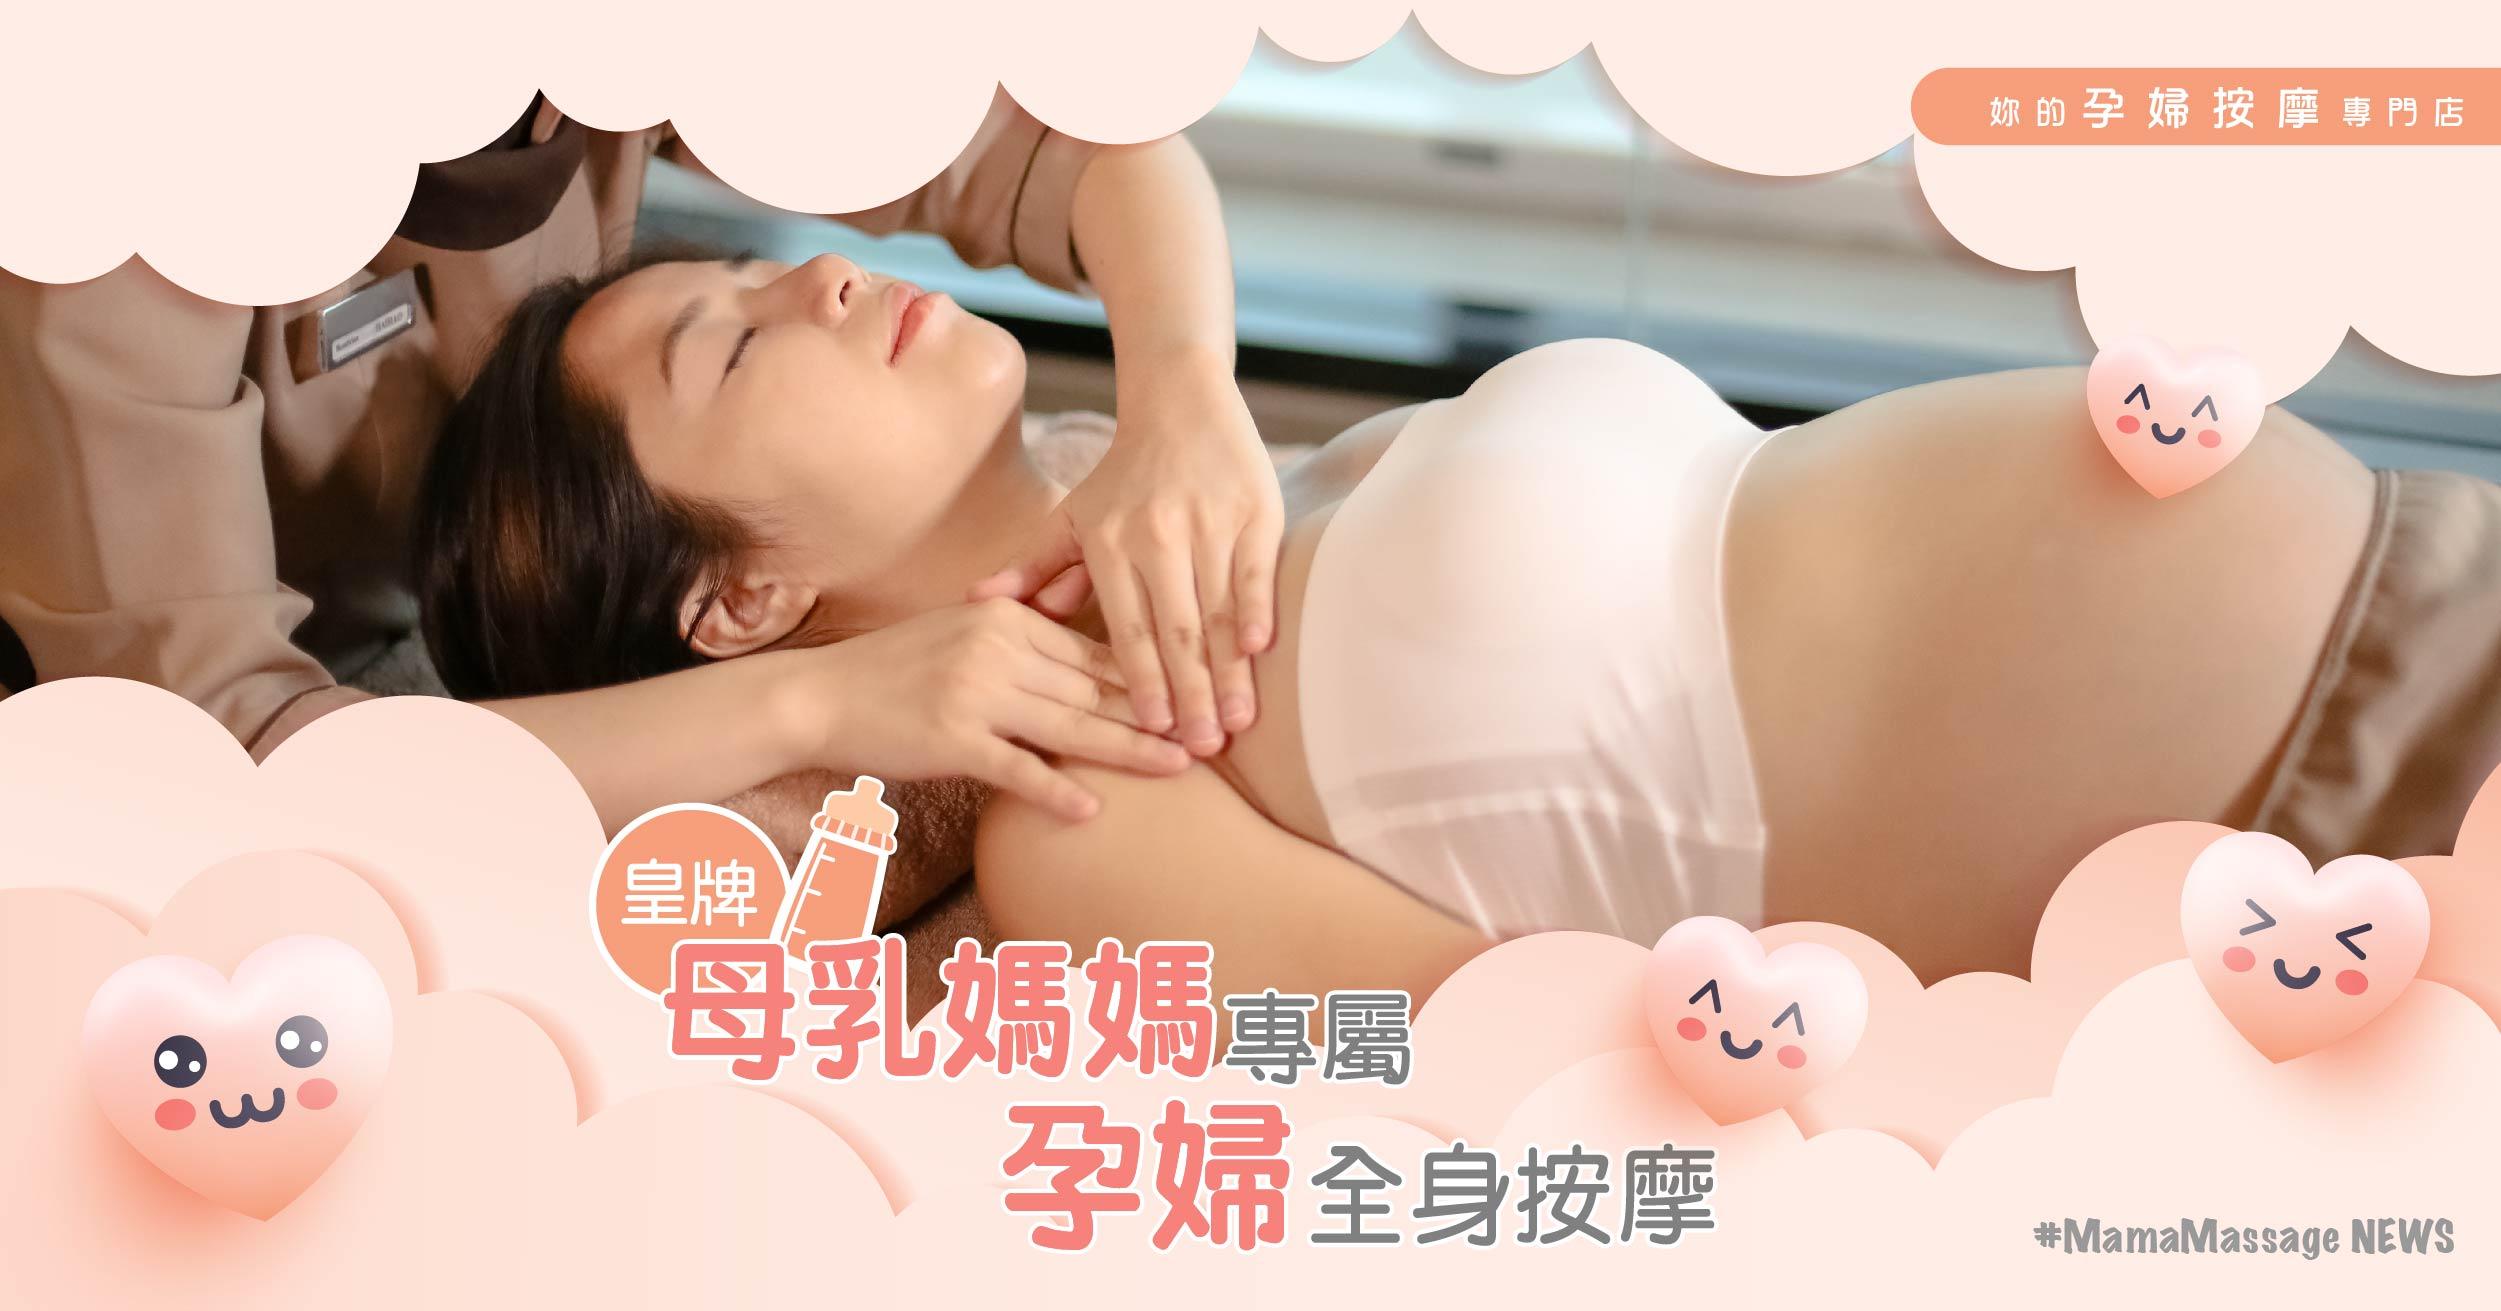 孕婦按摩推介 – 皇牌-母乳媽媽專屬孕婦全身按摩